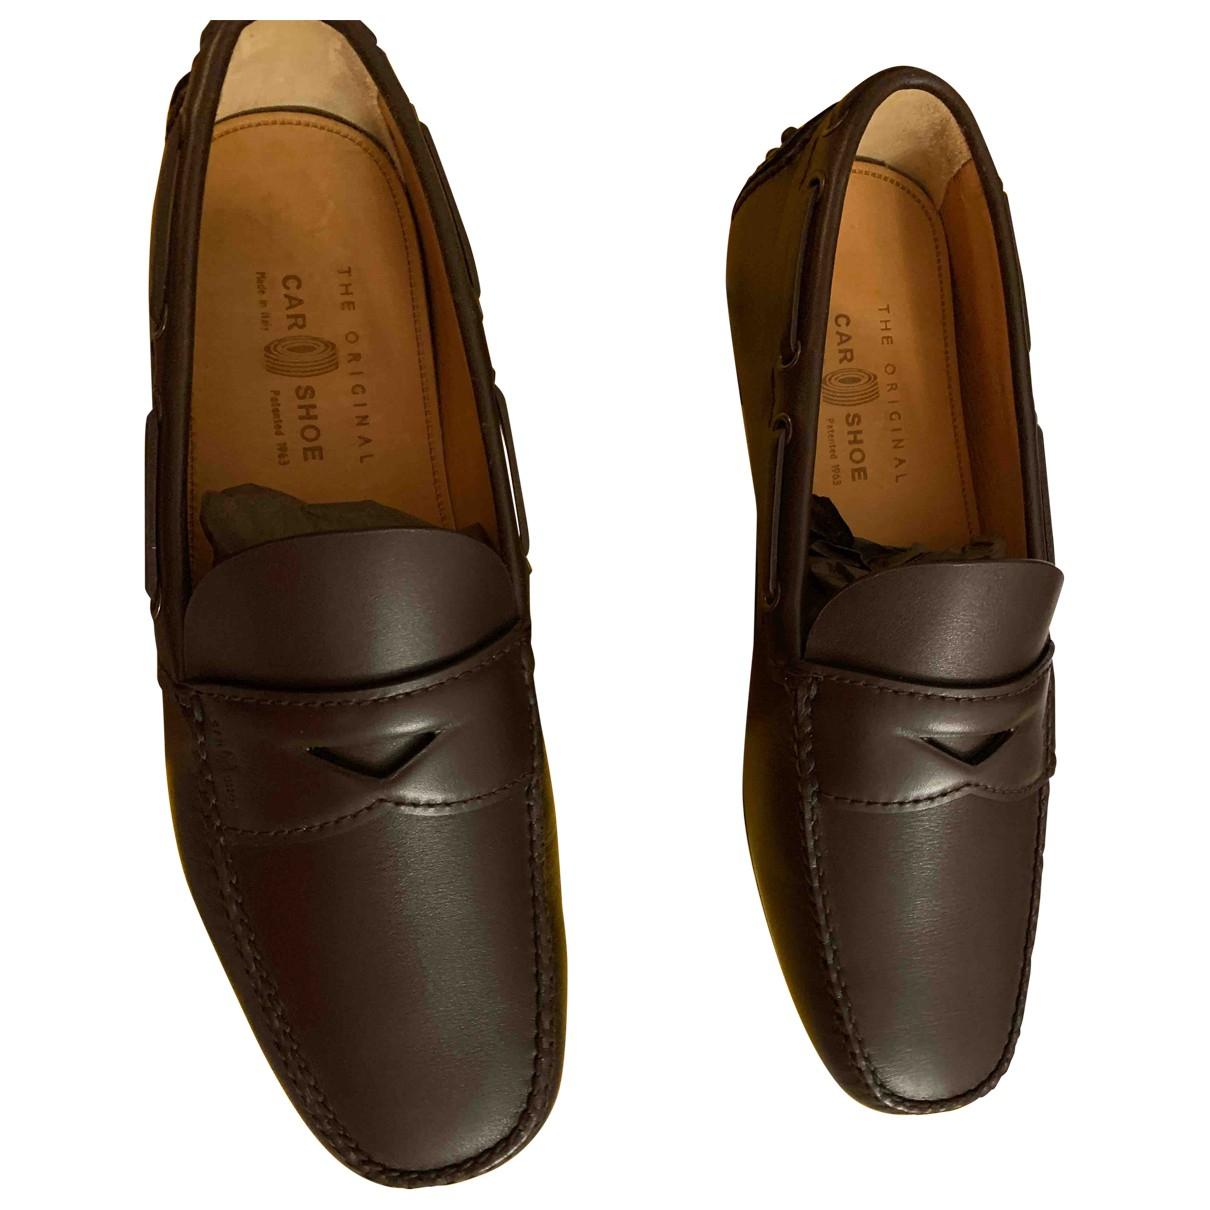 Carshoe - Mocassins   pour homme en cuir - marron